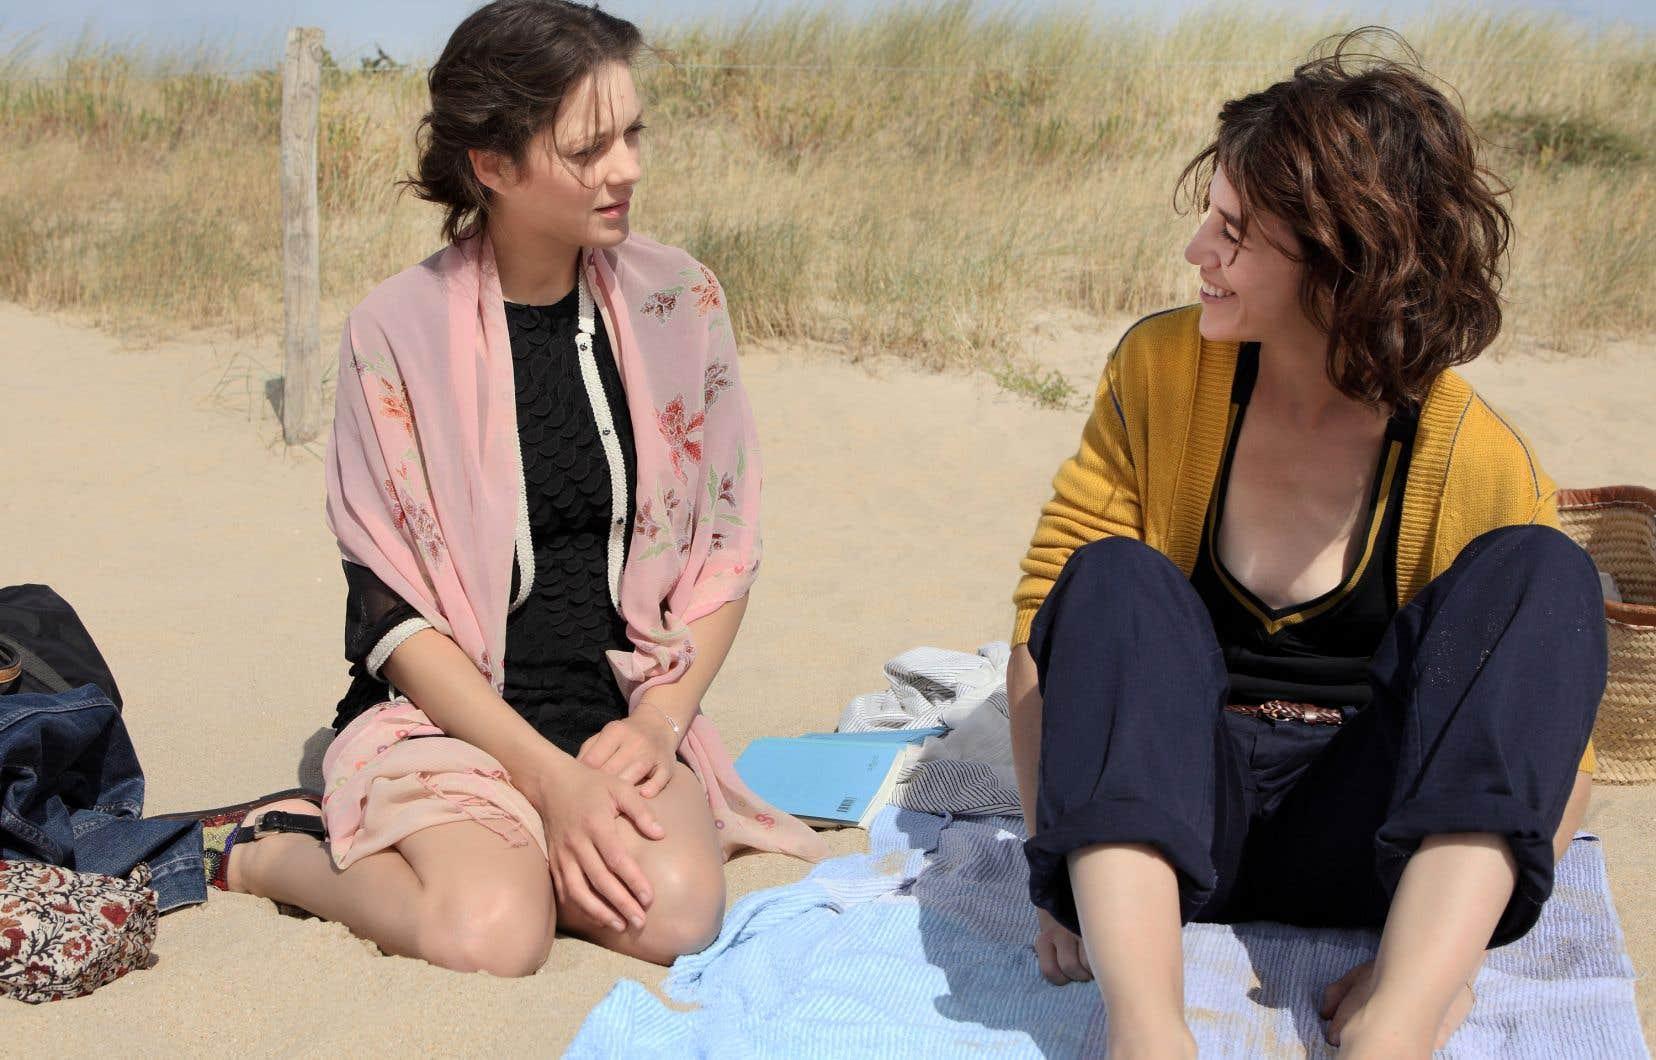 Avec Mathieu Amalric, Marion Cotillard et Charlotte Gainsbourg forment un triangle amoureux dans Les fantômes d'Ismaël d'Arnaud Desplechin.